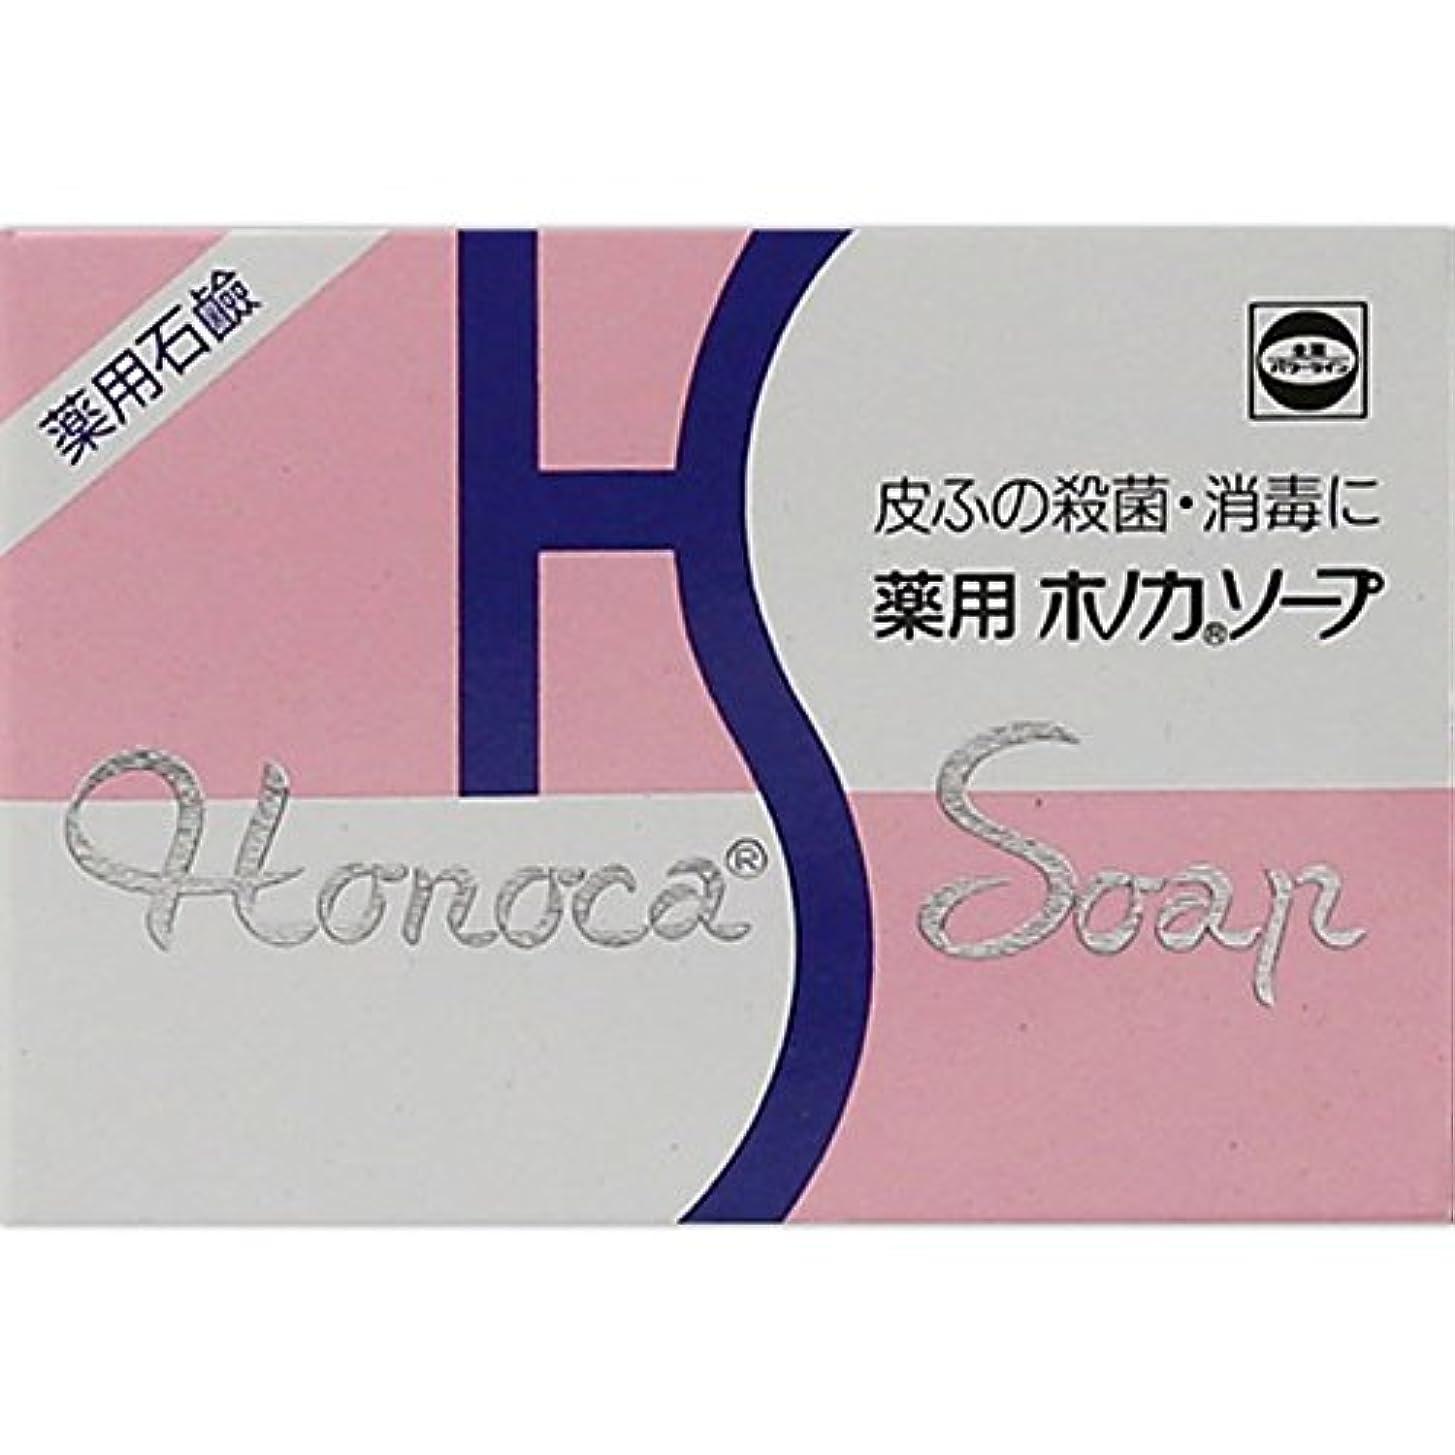 隠淡い針薬用ホノカソープ 80g